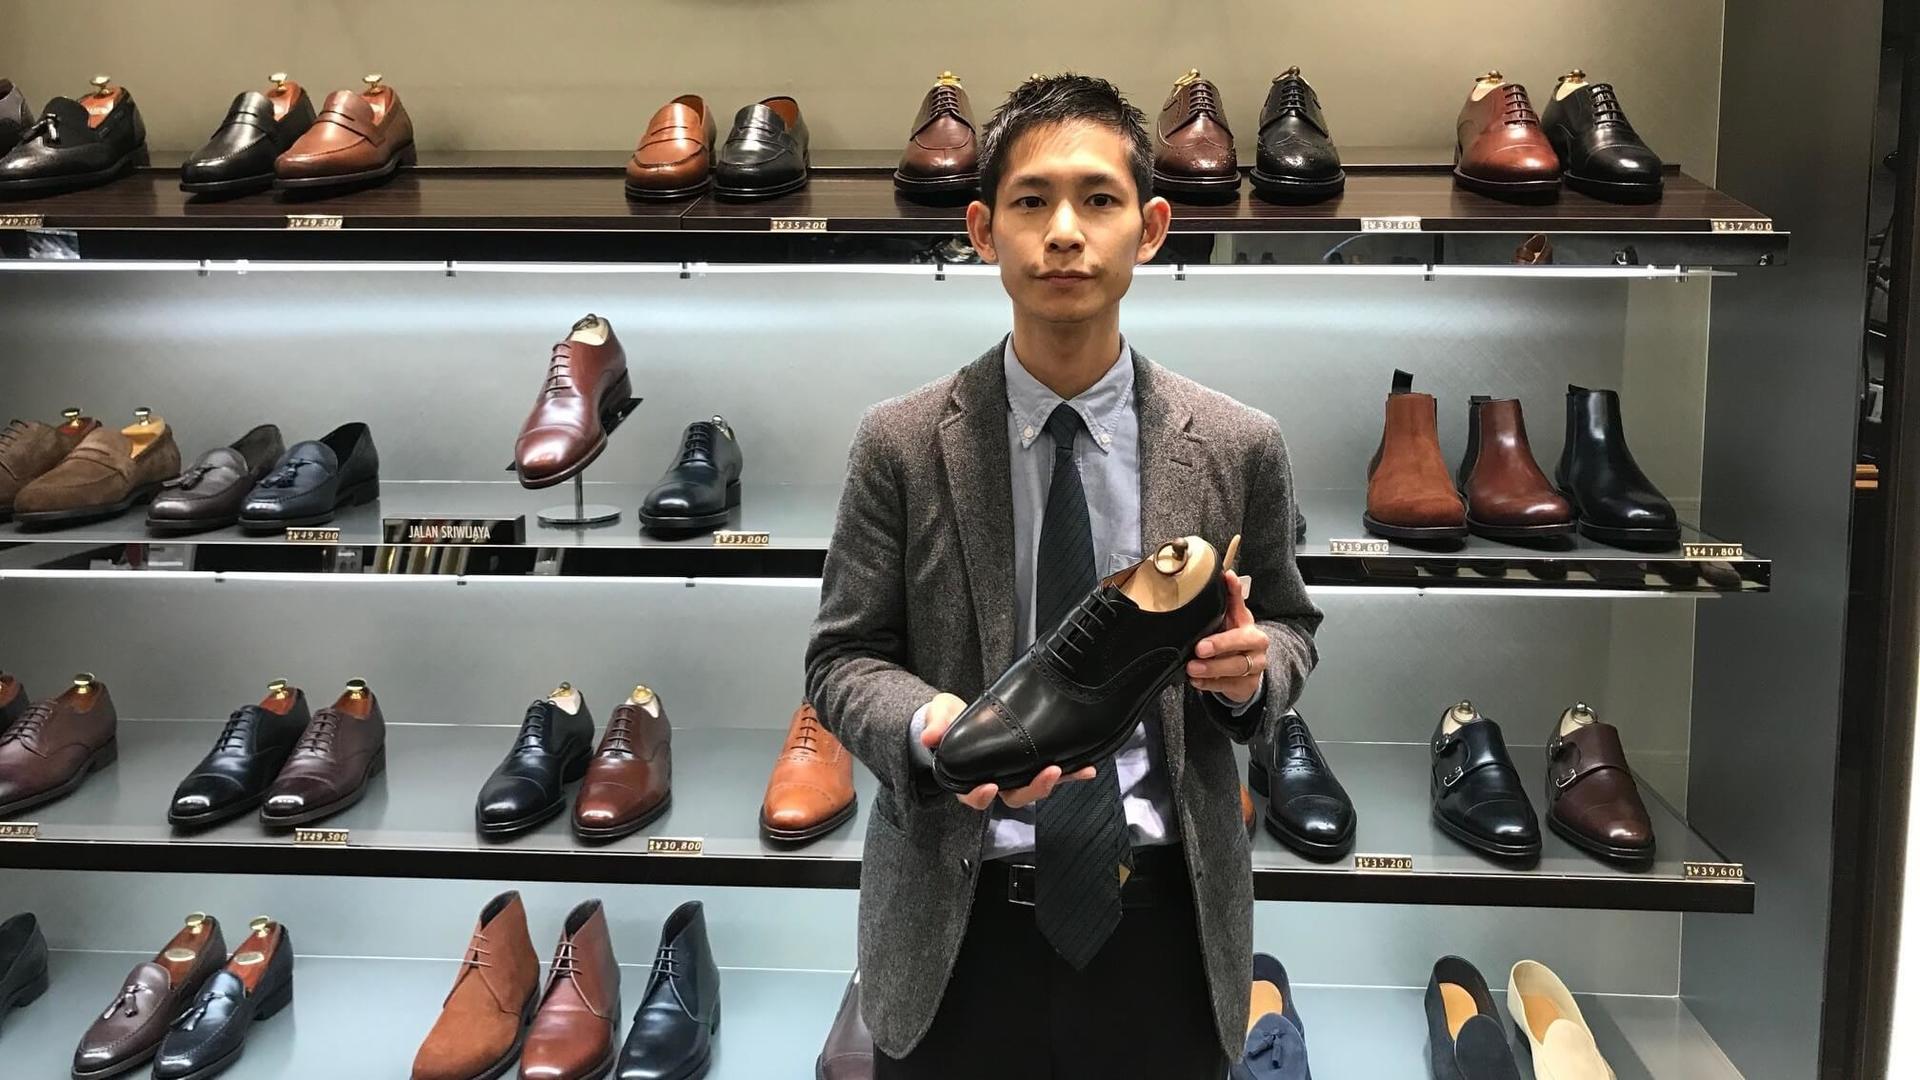 【未経験/学生可】最高の革靴を、最高の仲間と提案しませんか?のカバー写真